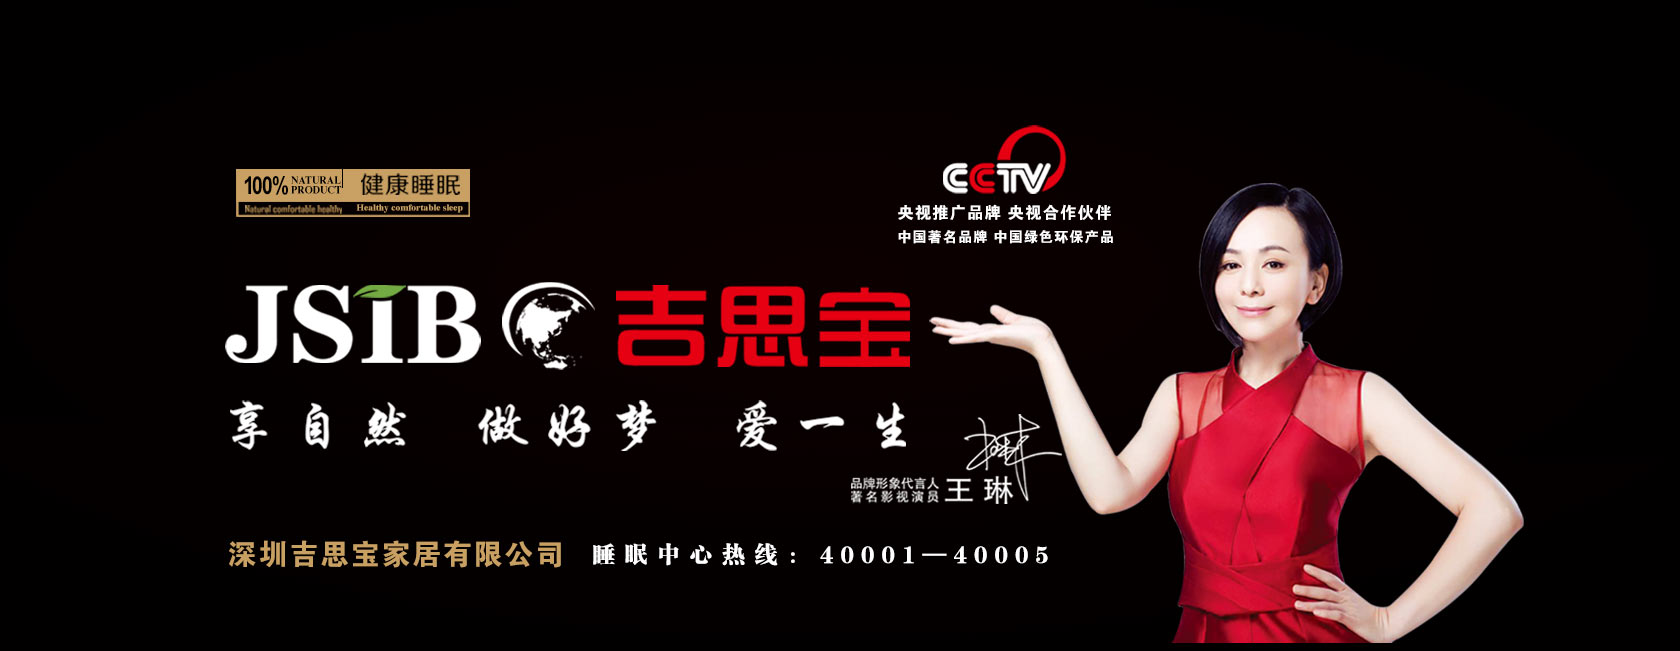 深圳吉思宝家居有限公司